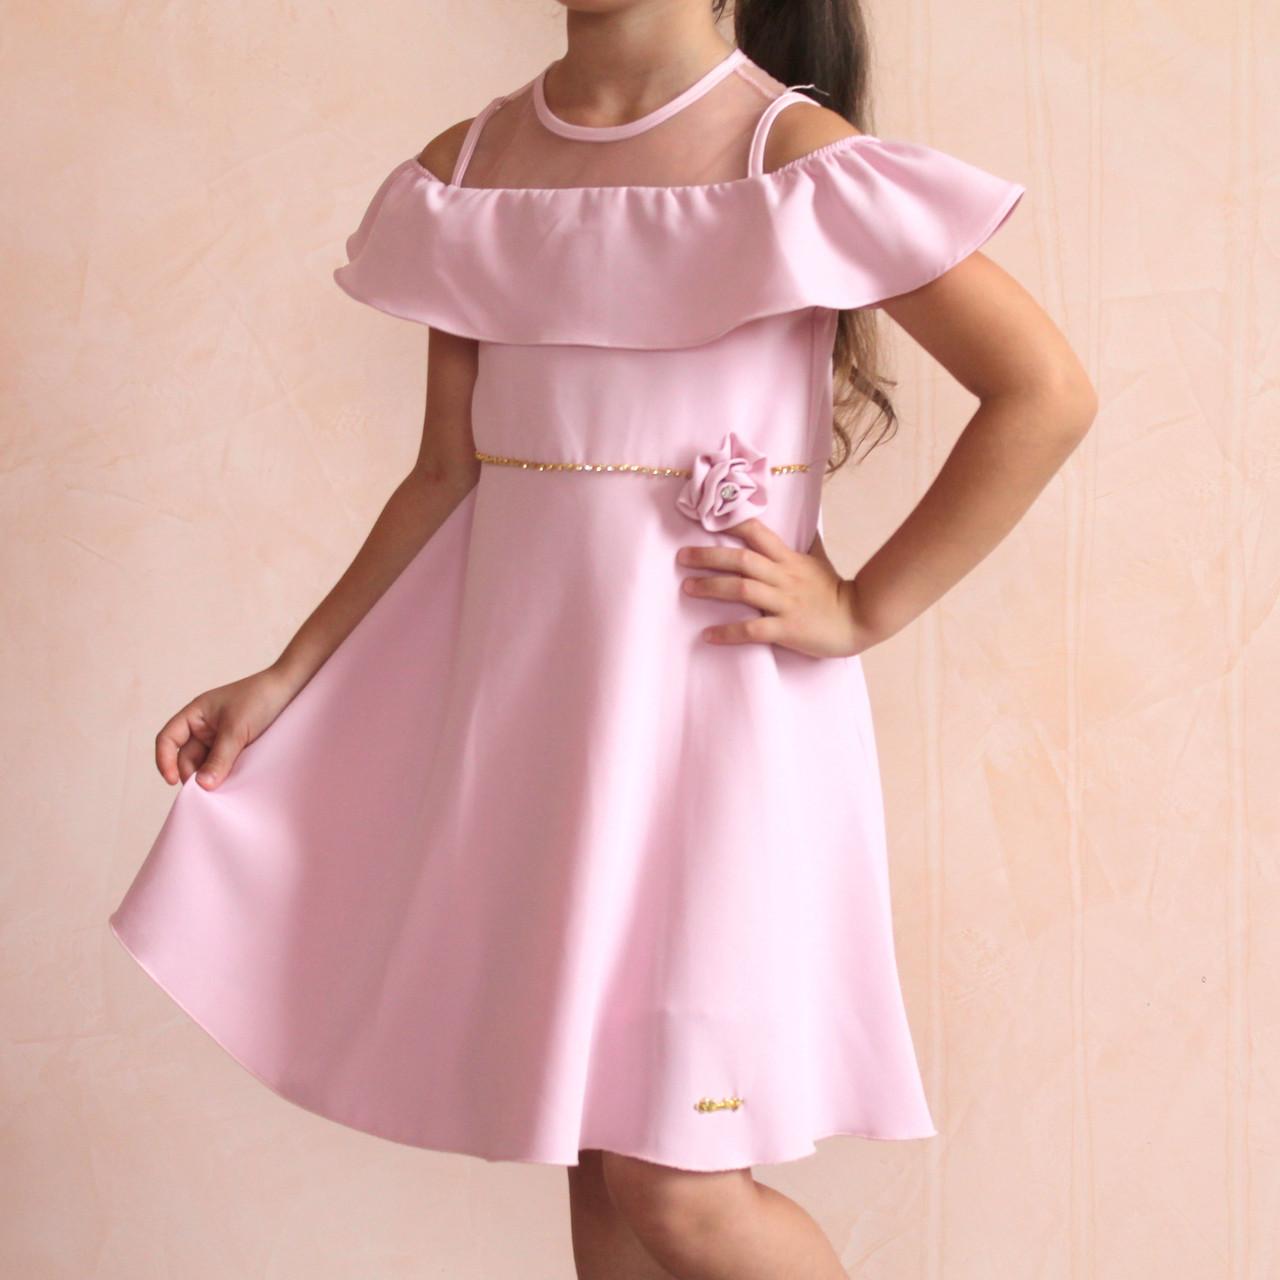 Дитяче рожеве плаття на дівчинку відкриті плечі розмір 7 років